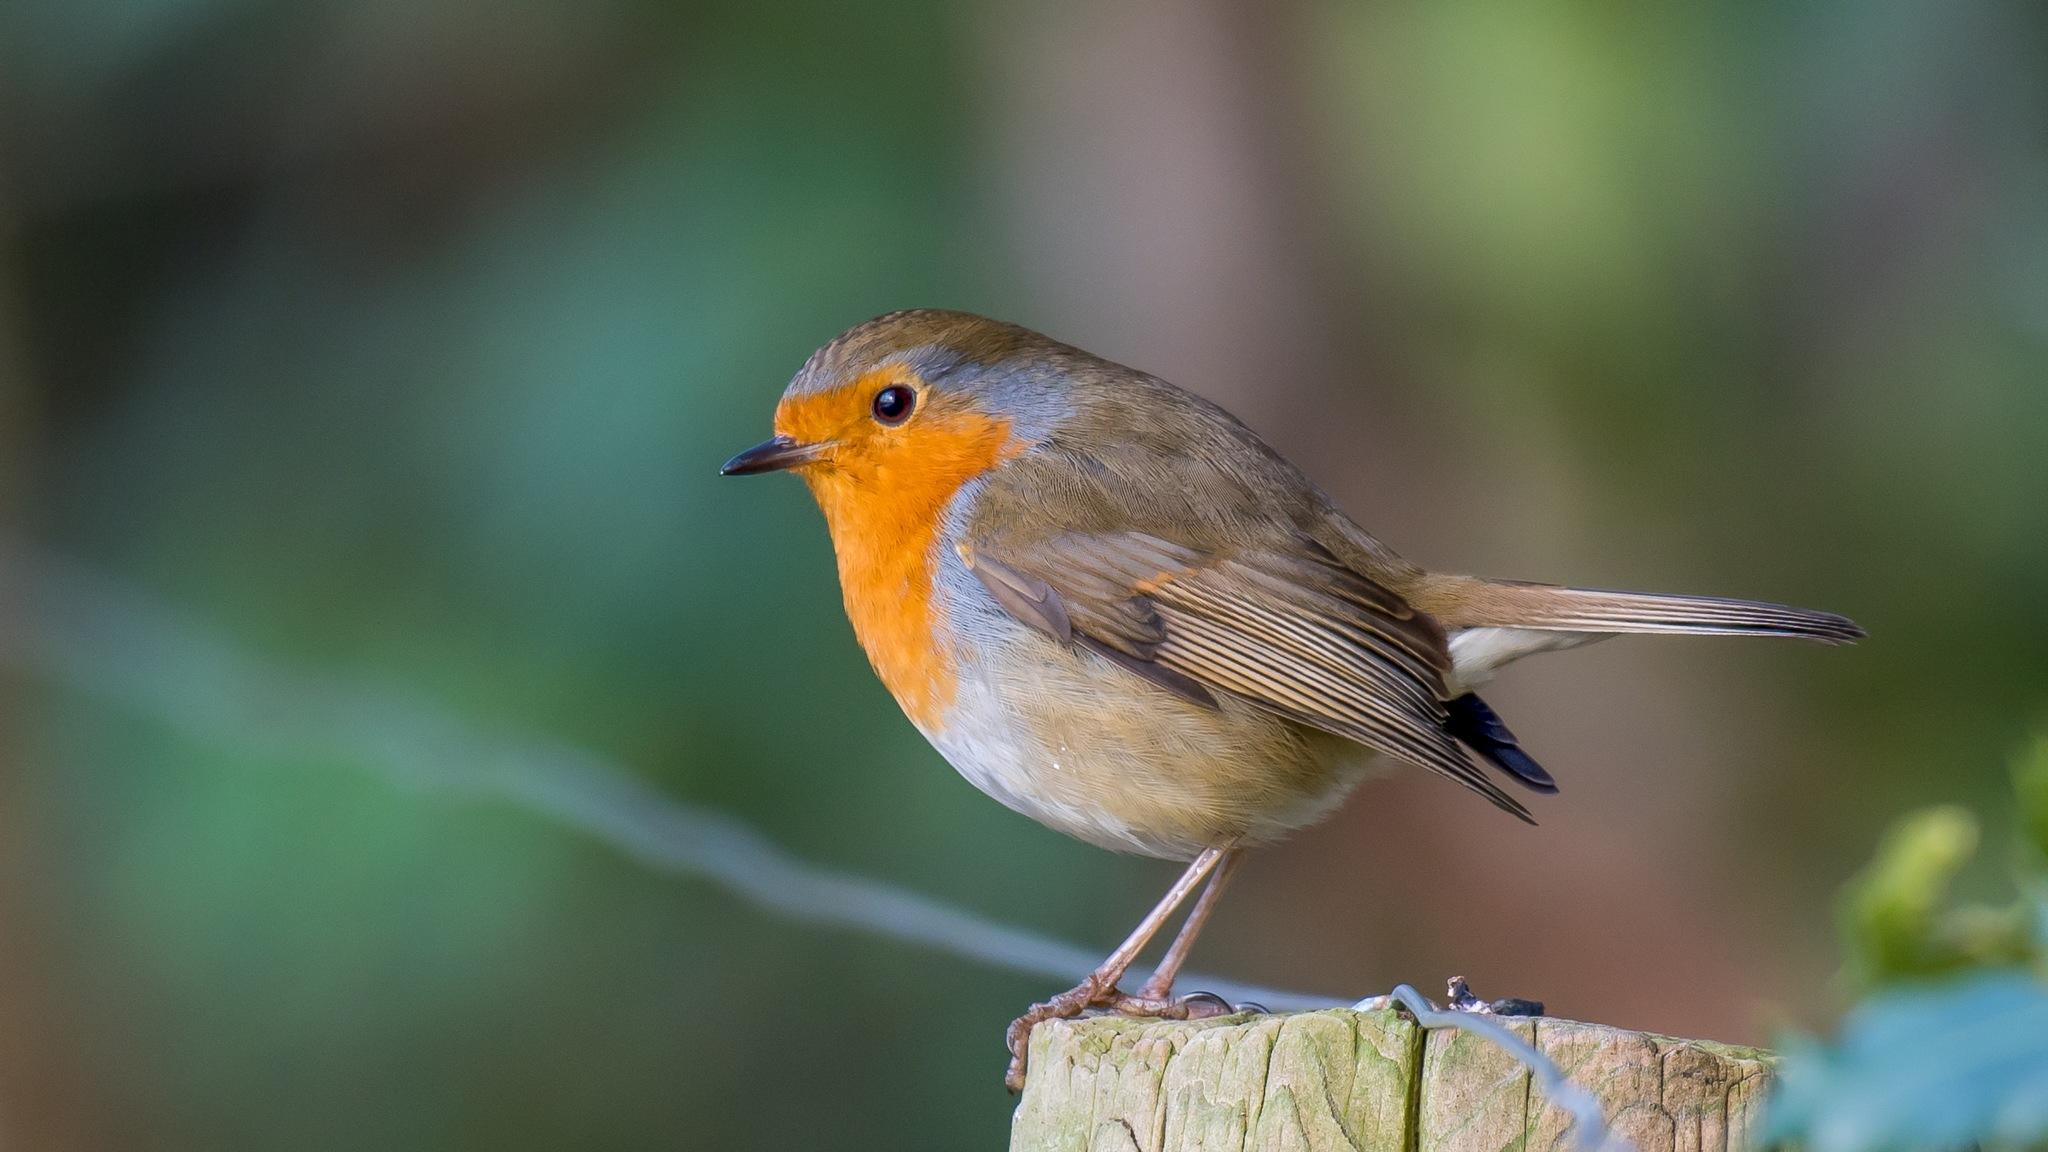 Robin 2 by Gerard Manders